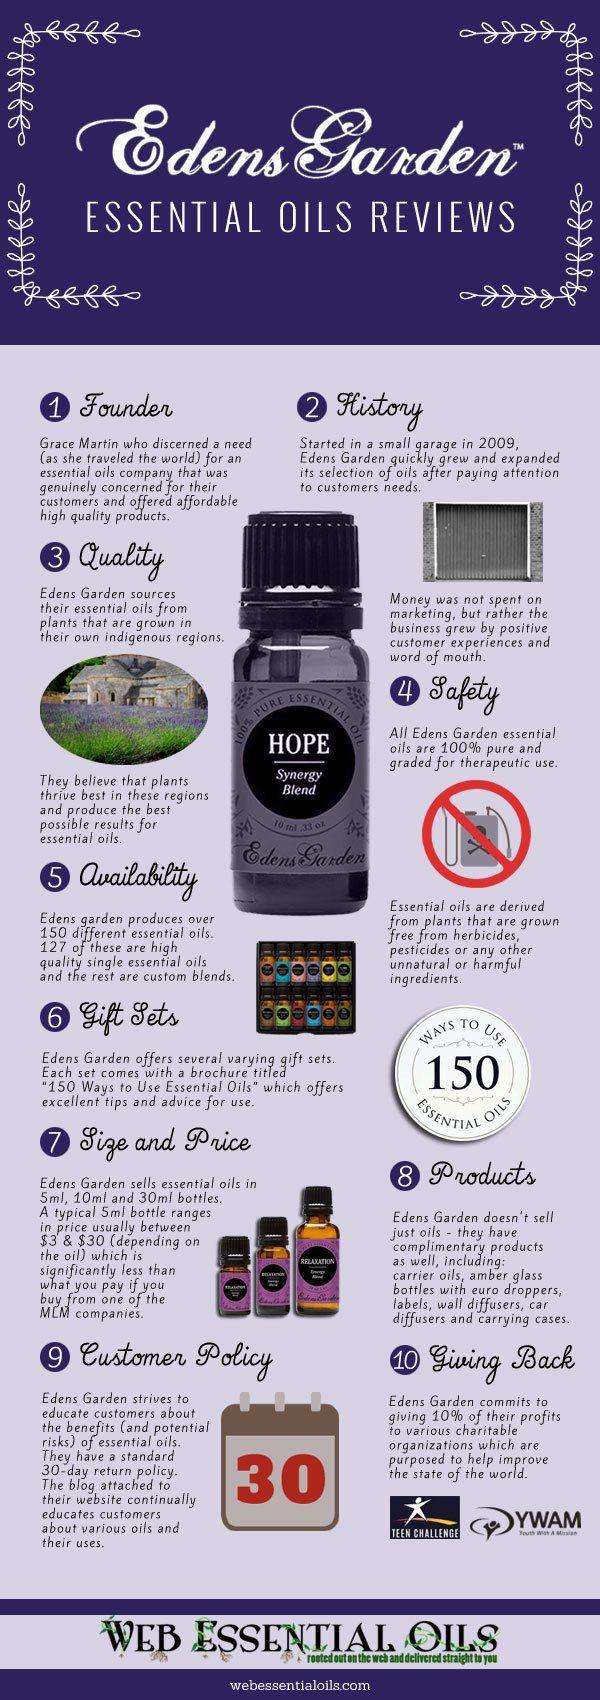 Edens Garden Essential Oils Reviews Essential oils